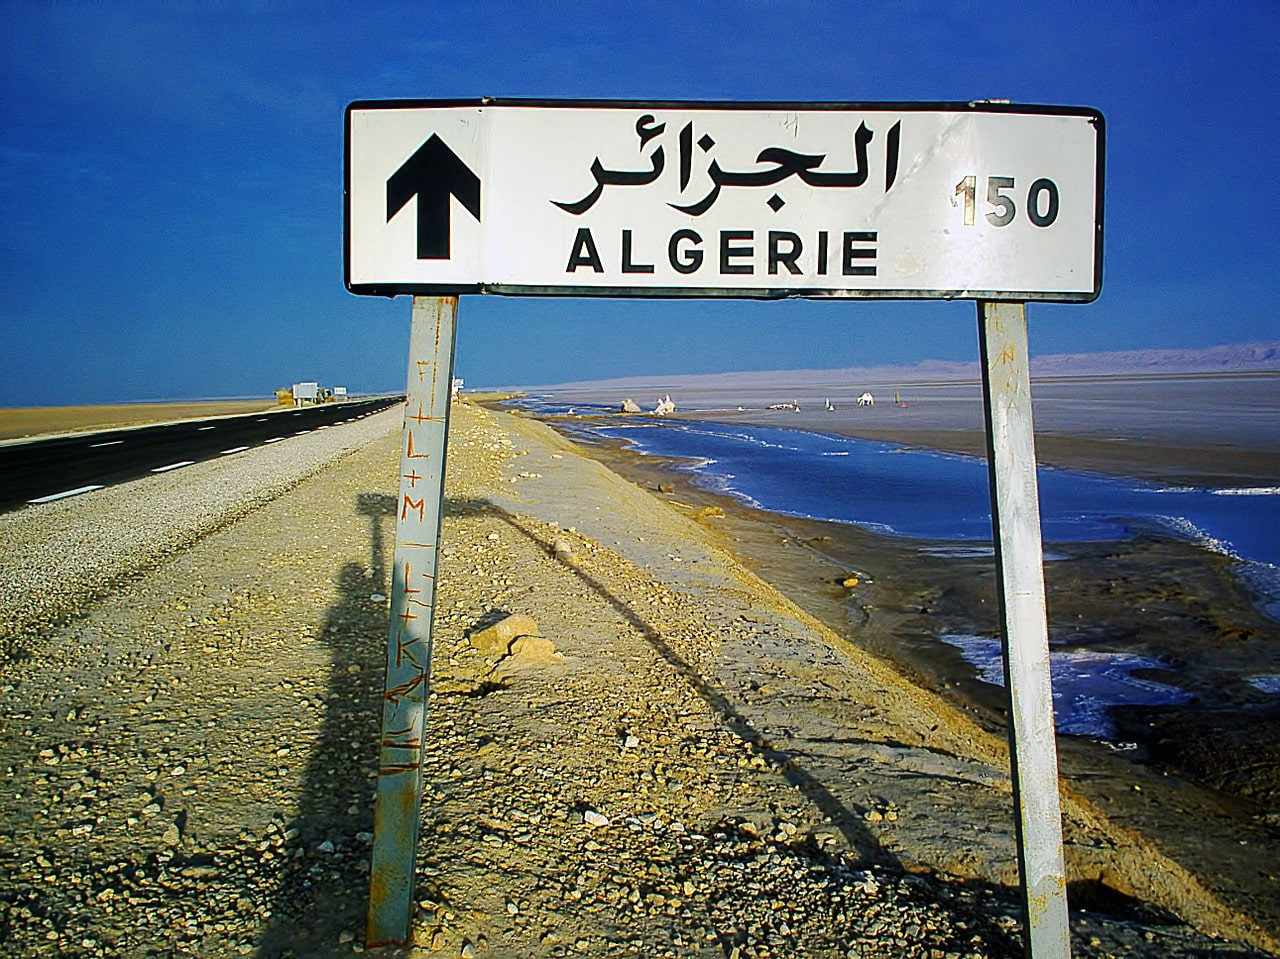 Algérie - visiter l'Algérie - visite touristique Algérie - Cityvol Voyages